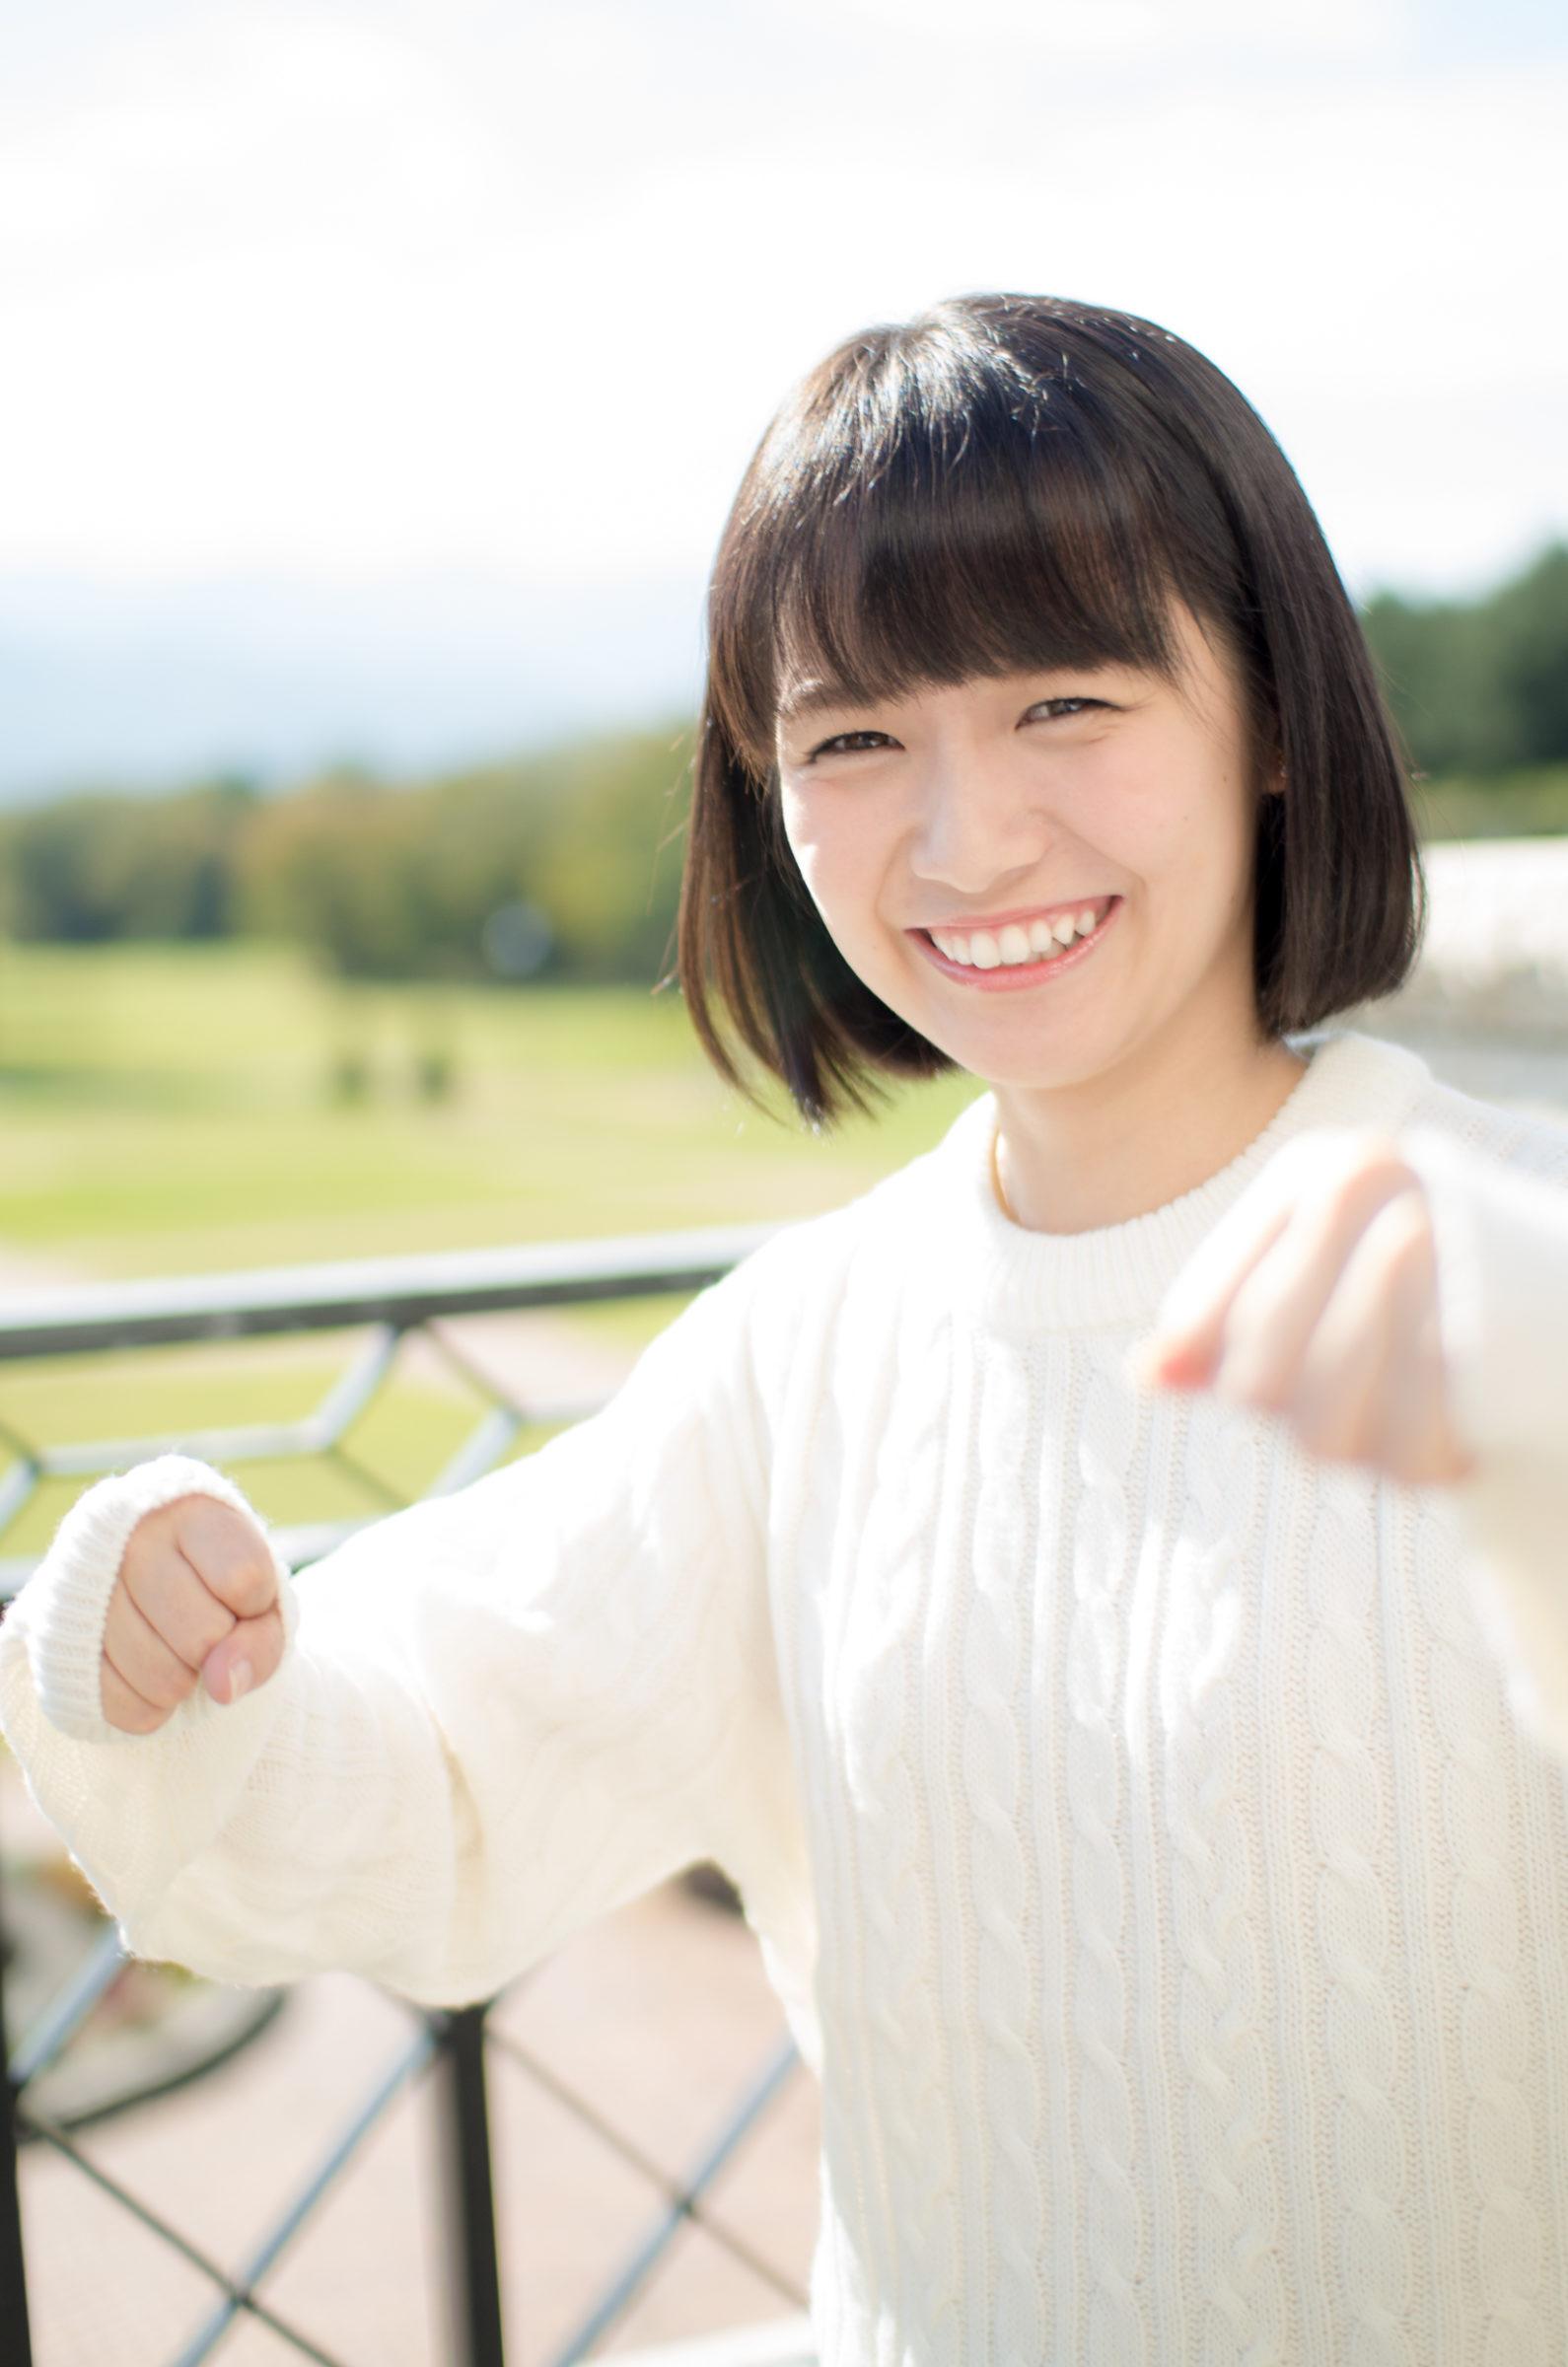 2代目HAPPY少女♪ みっちょ ( 本田みく ) | 前田森林公園「モデルプロ撮影会」